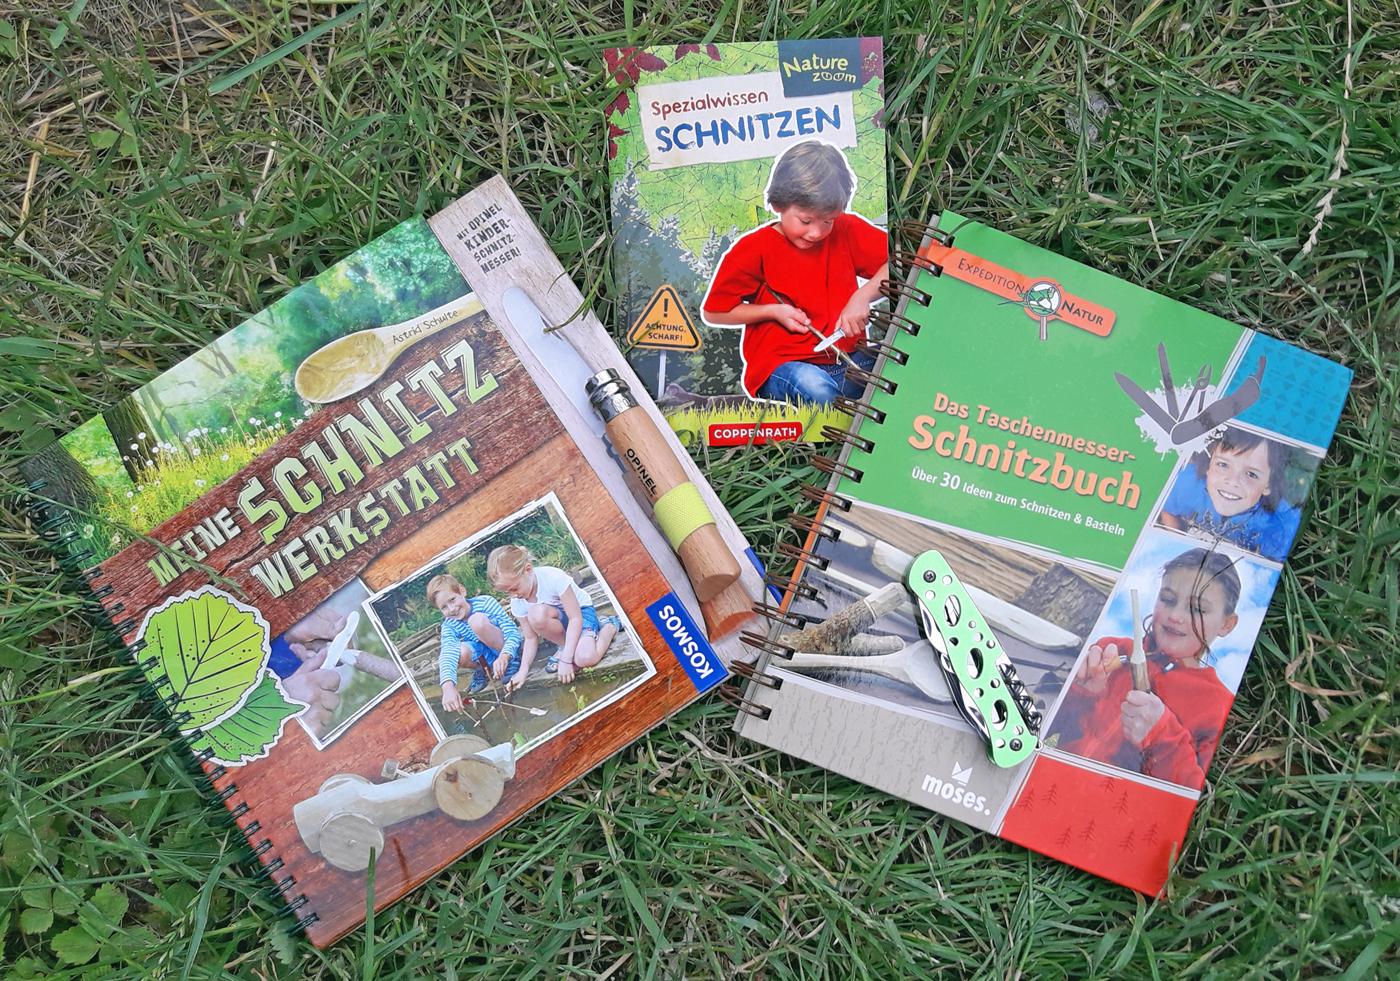 Für Kinder sind zahlreiche Schnitzbücher erhätlich - wir stellen Ihnen drei davon vor. Foto: ForestFinance/Kristin Steffan